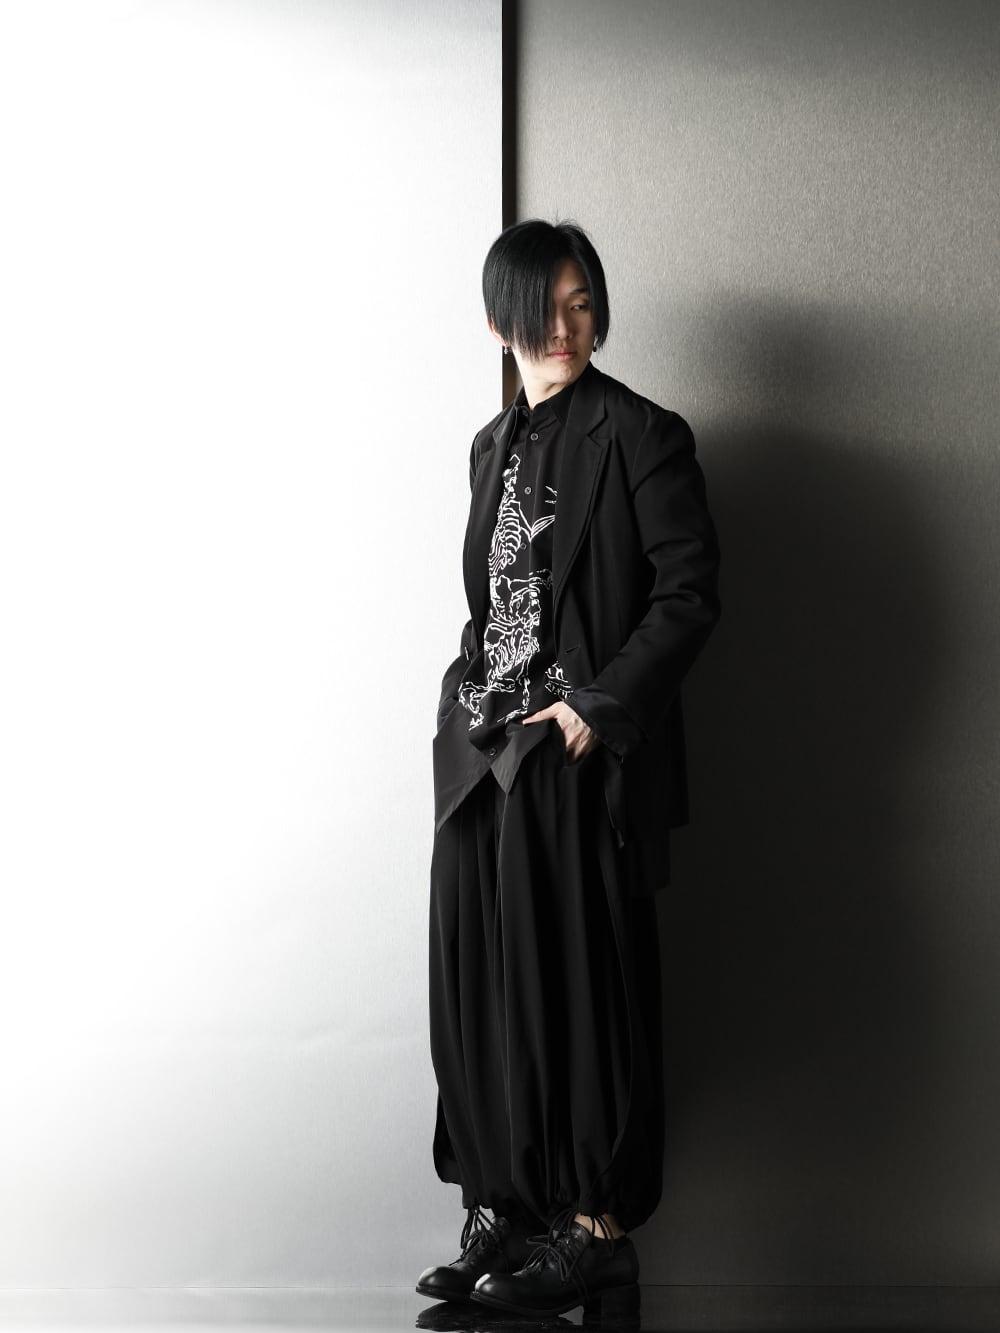 Ground Y x Kyosai Kawanabe Collaboration Shirt Styling - 5-001